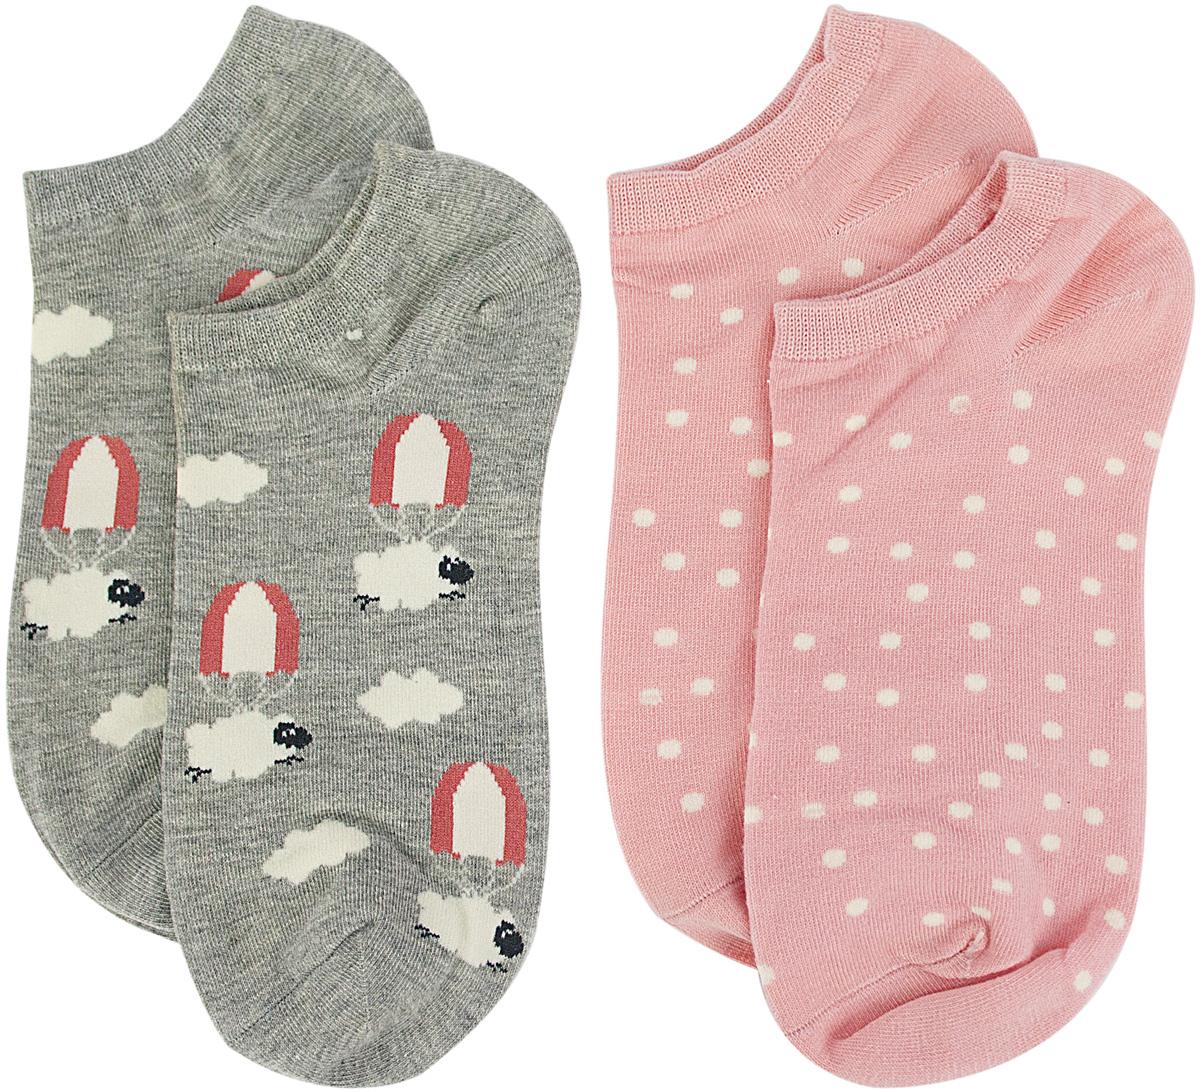 Носки женские Kawaii Factory Овечки, цвет: розовый, серый, 2 пары. 2006000073219. Размер 35/392006000073219Носки Kawaii Factory изготовлены из качественного материала на основе хлопка. Носки хорошо держат форму и обладают повышенной воздухопроницаемостью.